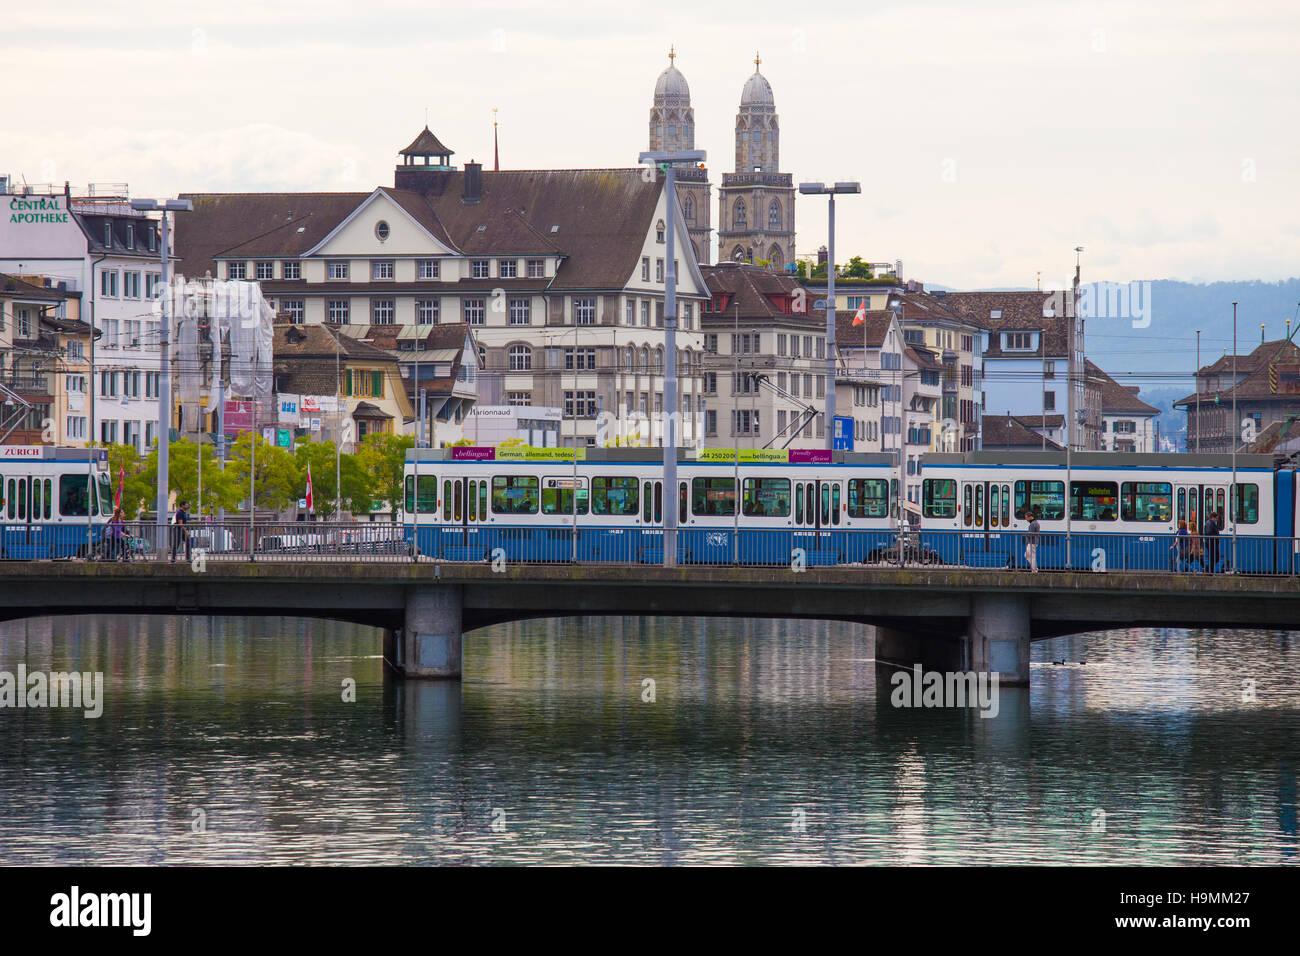 Zurich Public Transport (VBZ) over the Limmat River, Zurich, Switzerland - Stock Image